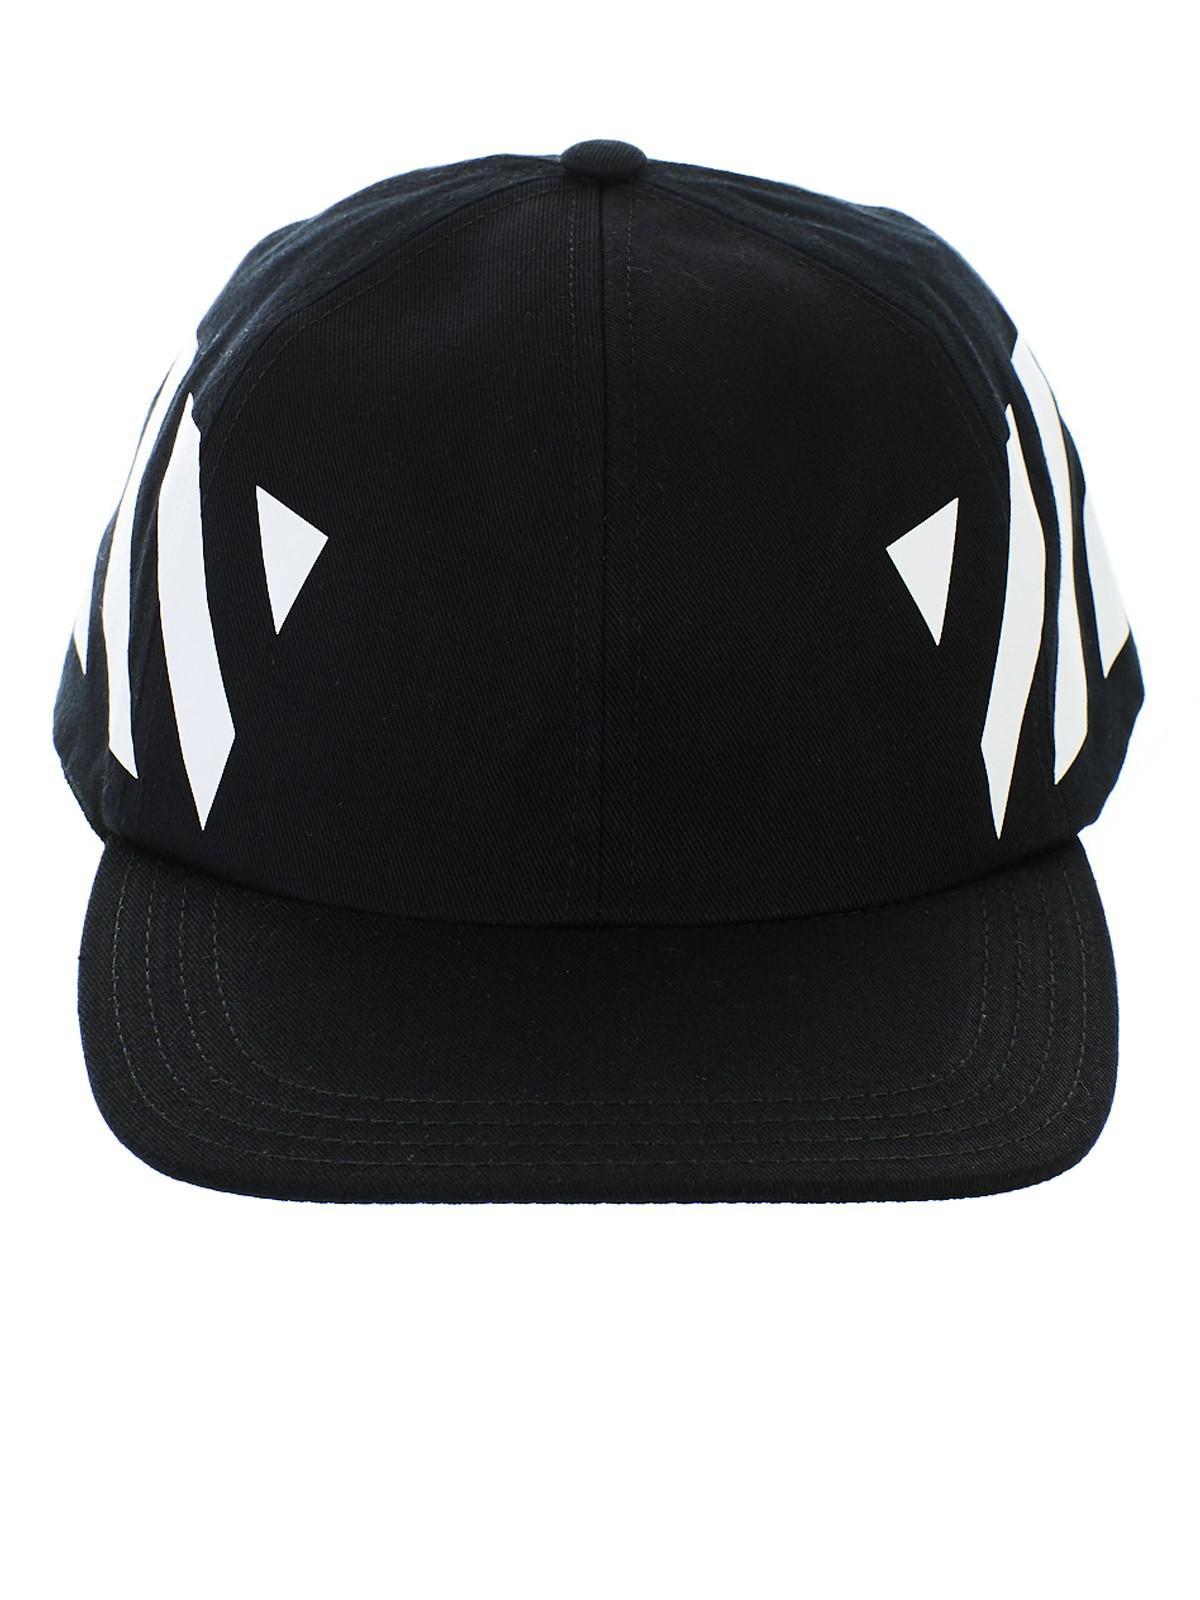 bb9e0c41b3b Lyst - Off-White C O Virgil Abloh Black Hat in Black for Men